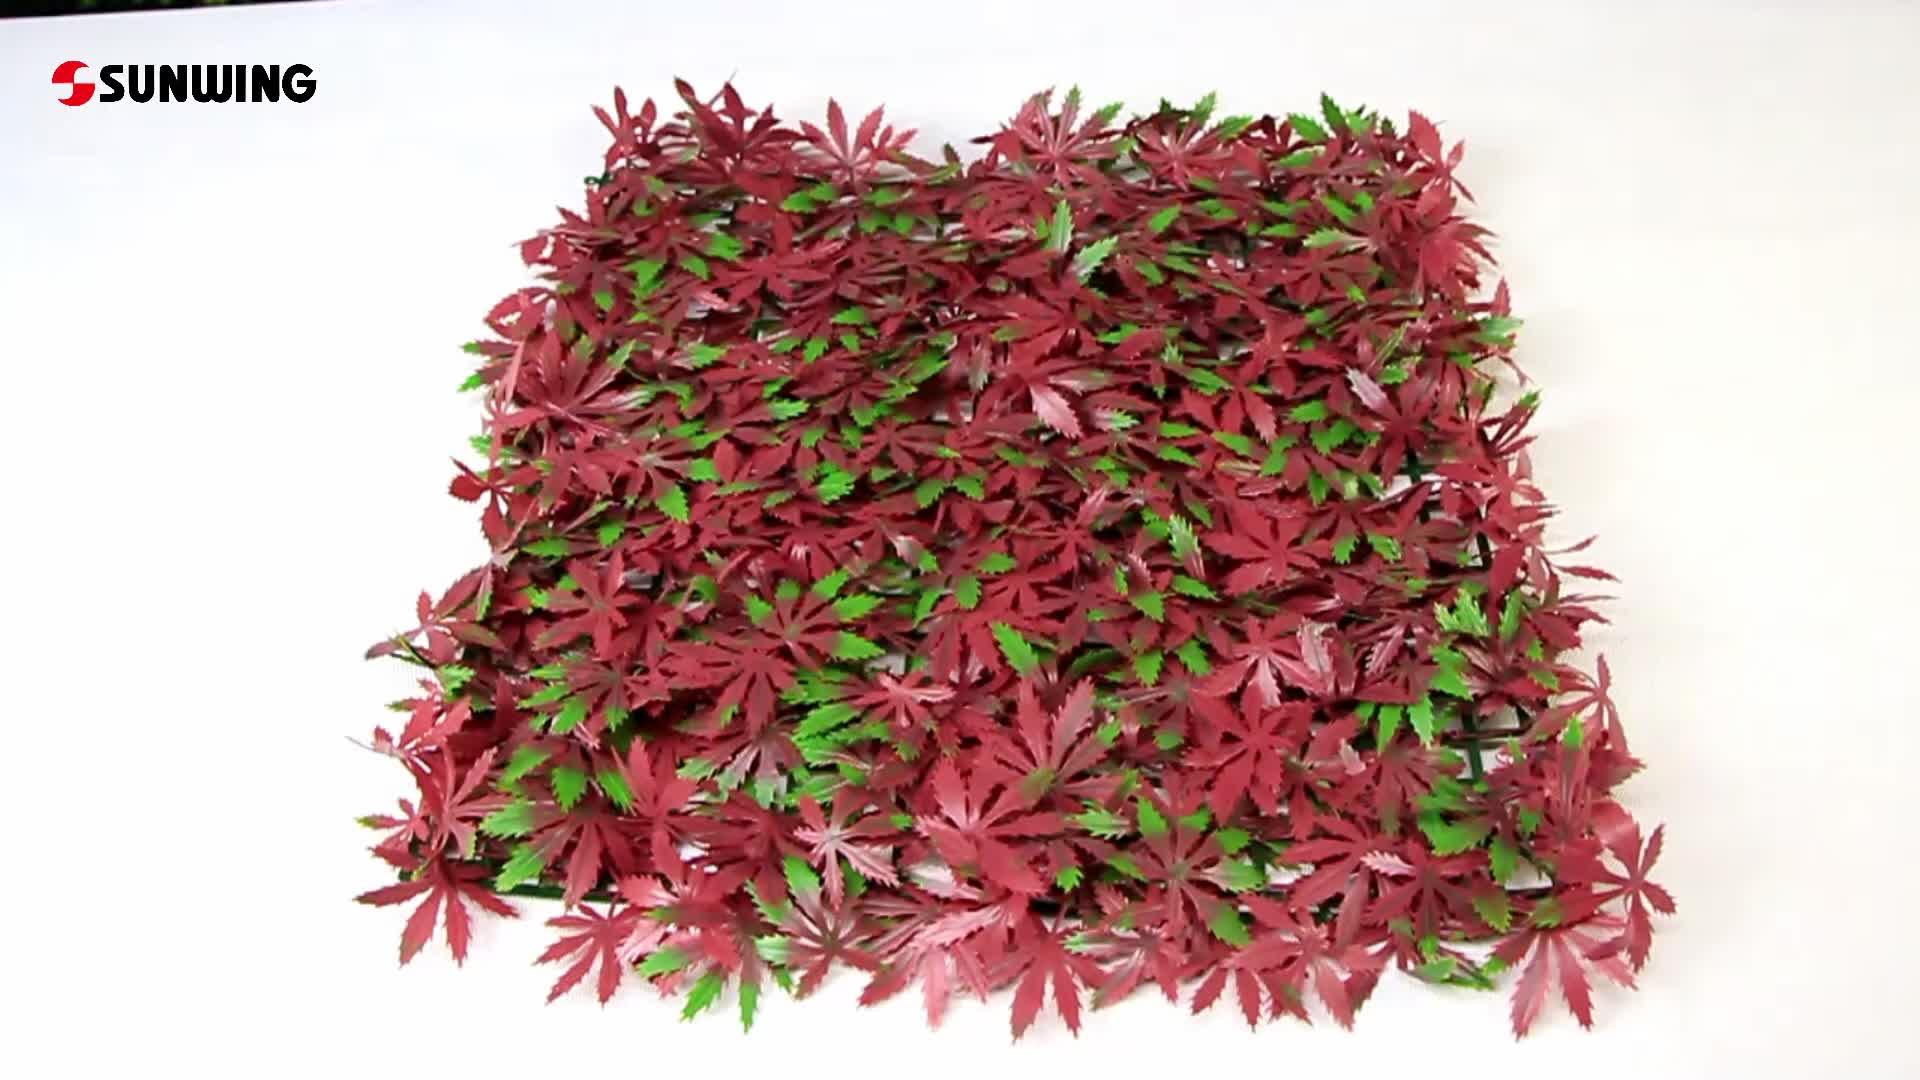 กลางแจ้งสีแดงใบสวนพลาสติกความเป็นส่วนตัวรั้วสำหรับการตกแต่งระเบียง